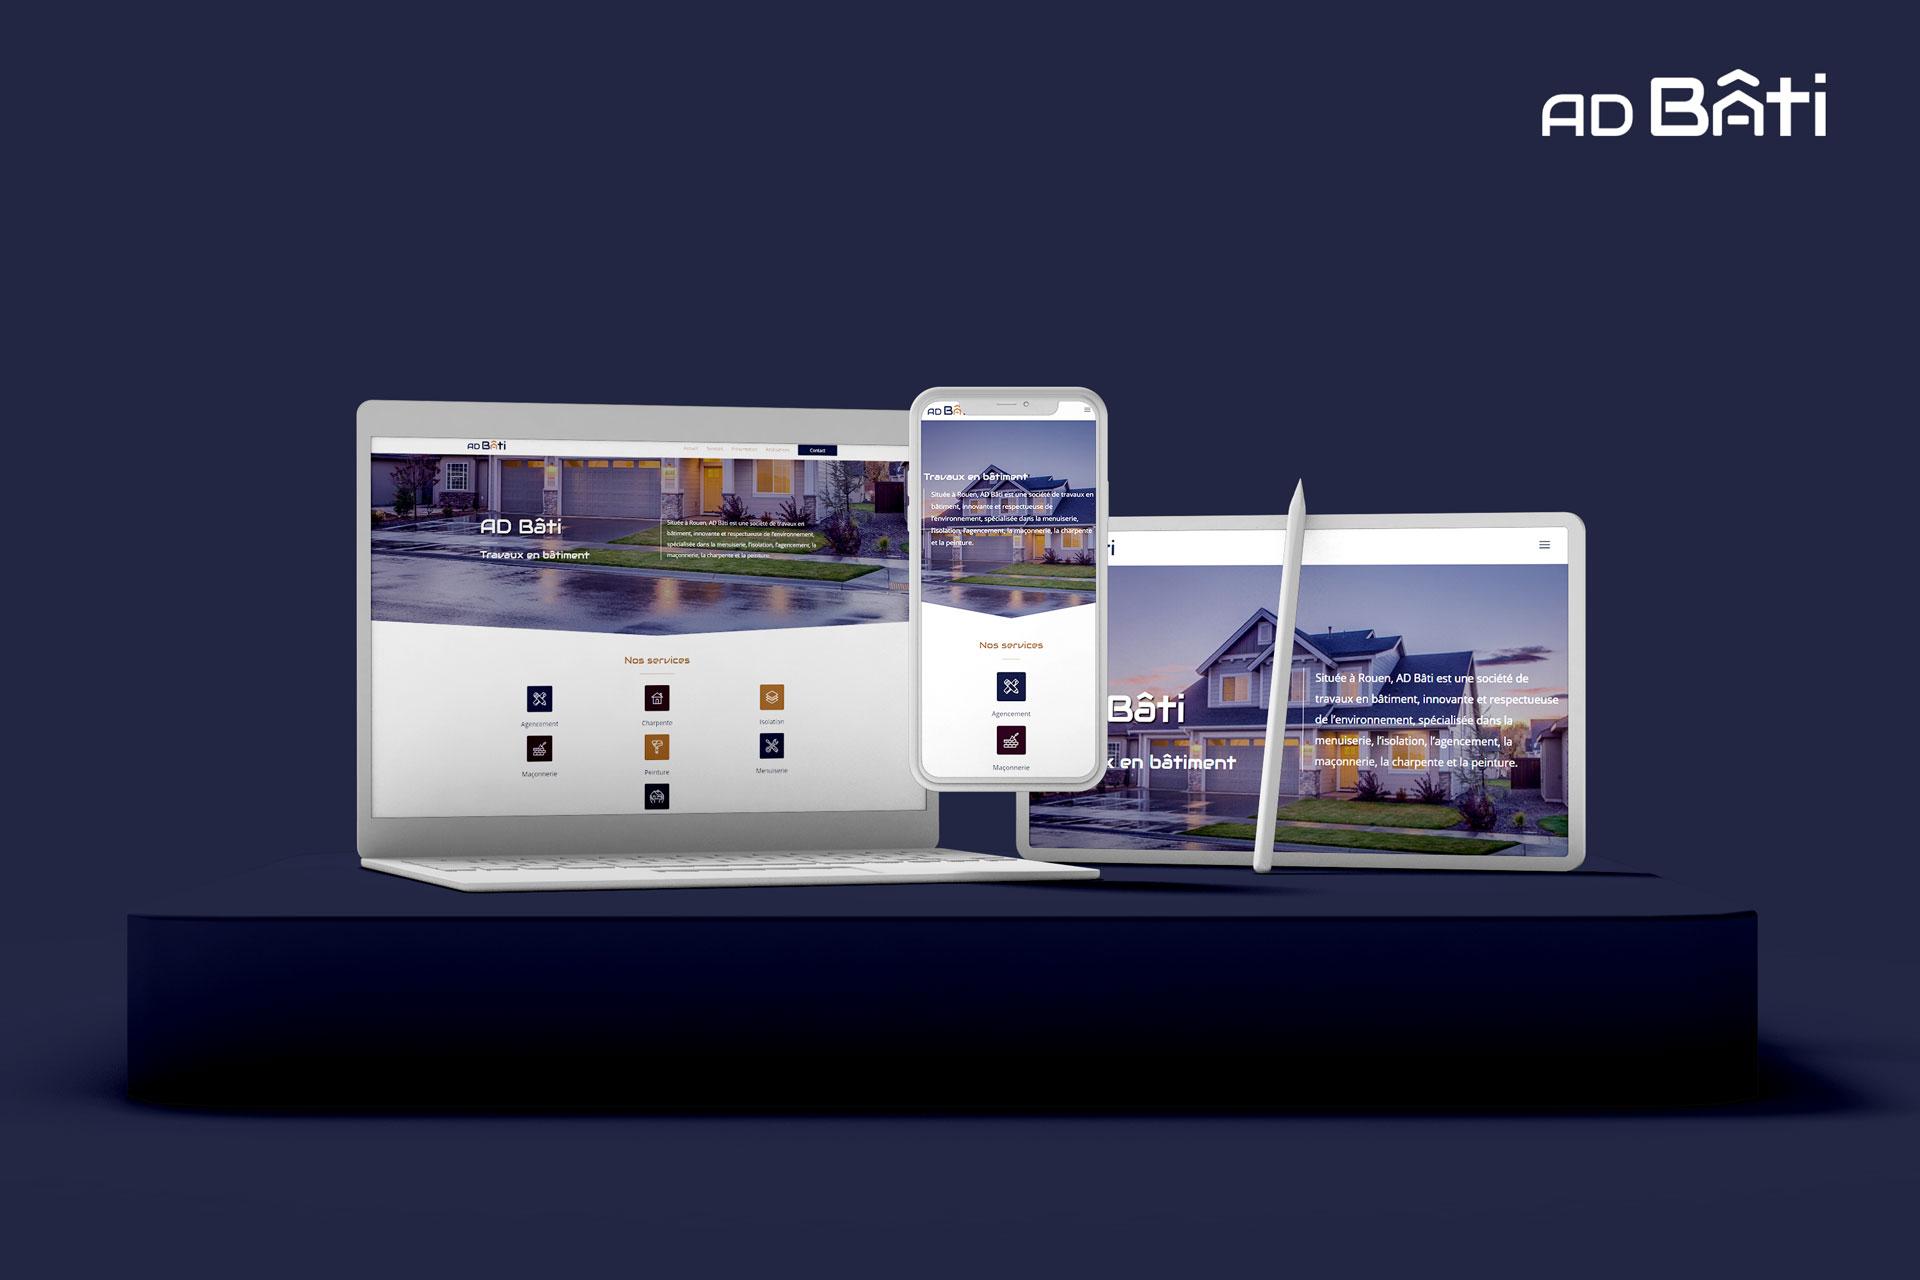 mockup ad bâti, travaux en bâtiment à Rouen, client d'i-media, agence de communication digitale